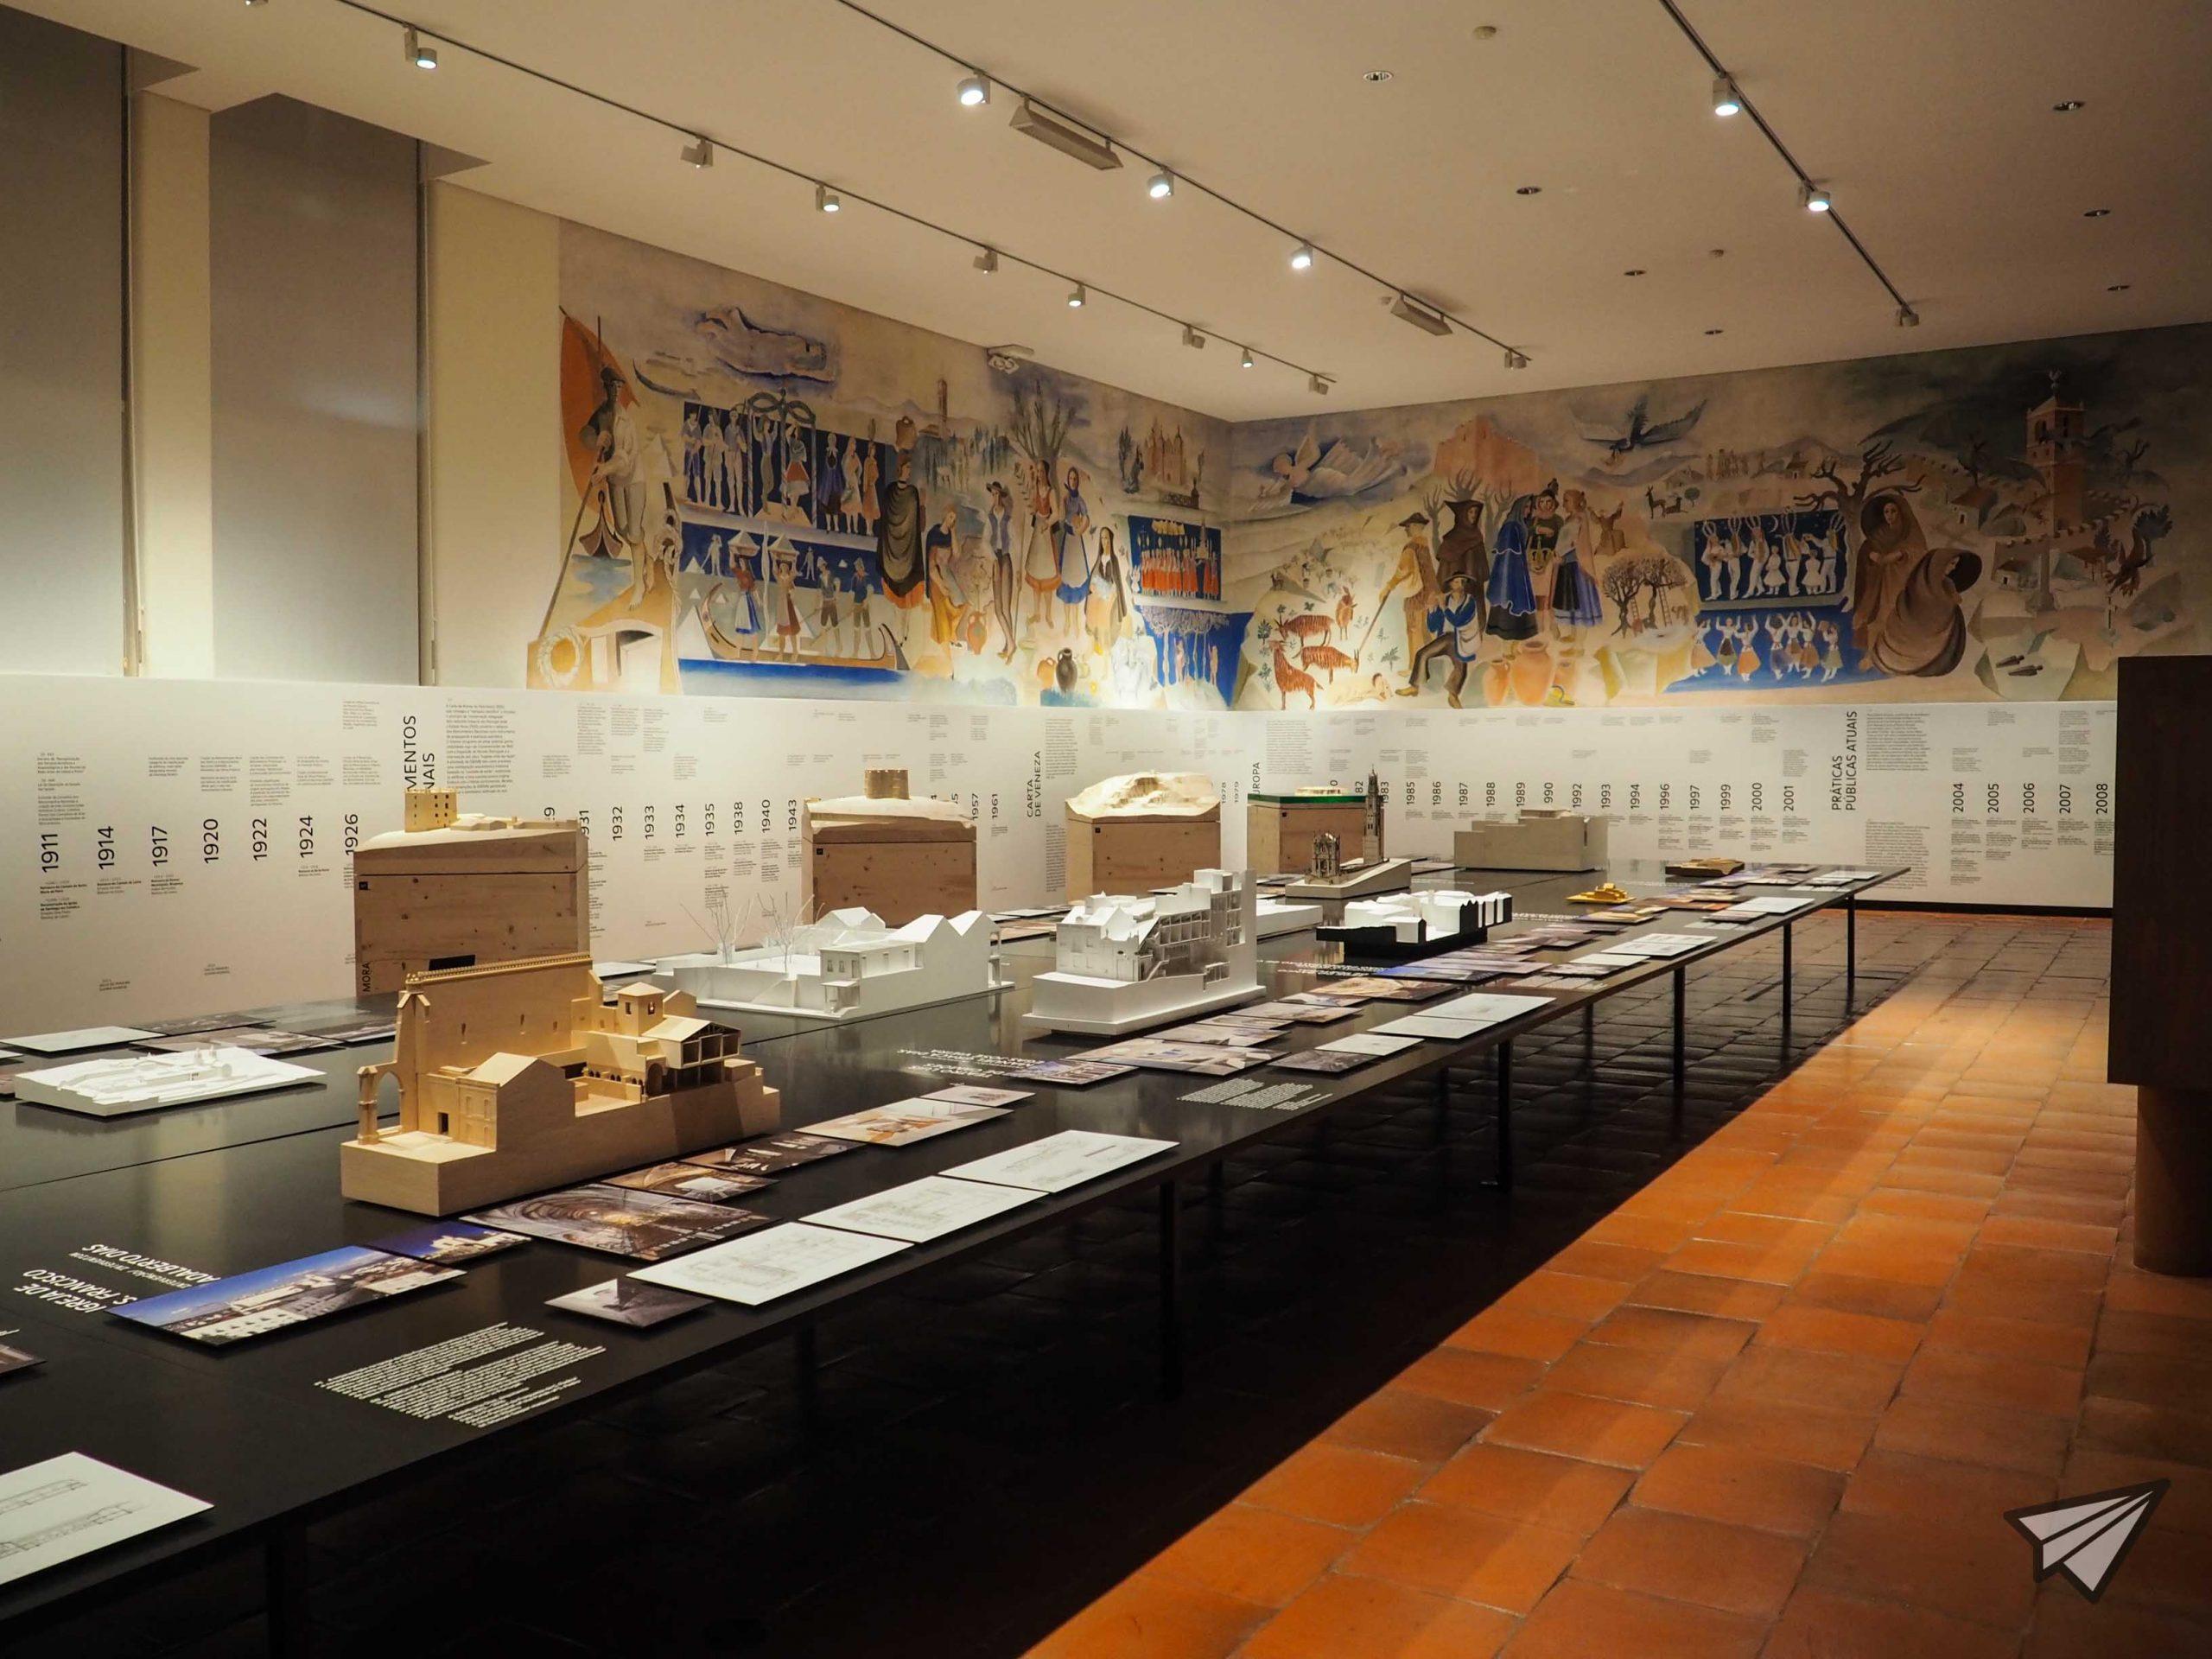 Museu de Arte Popular art